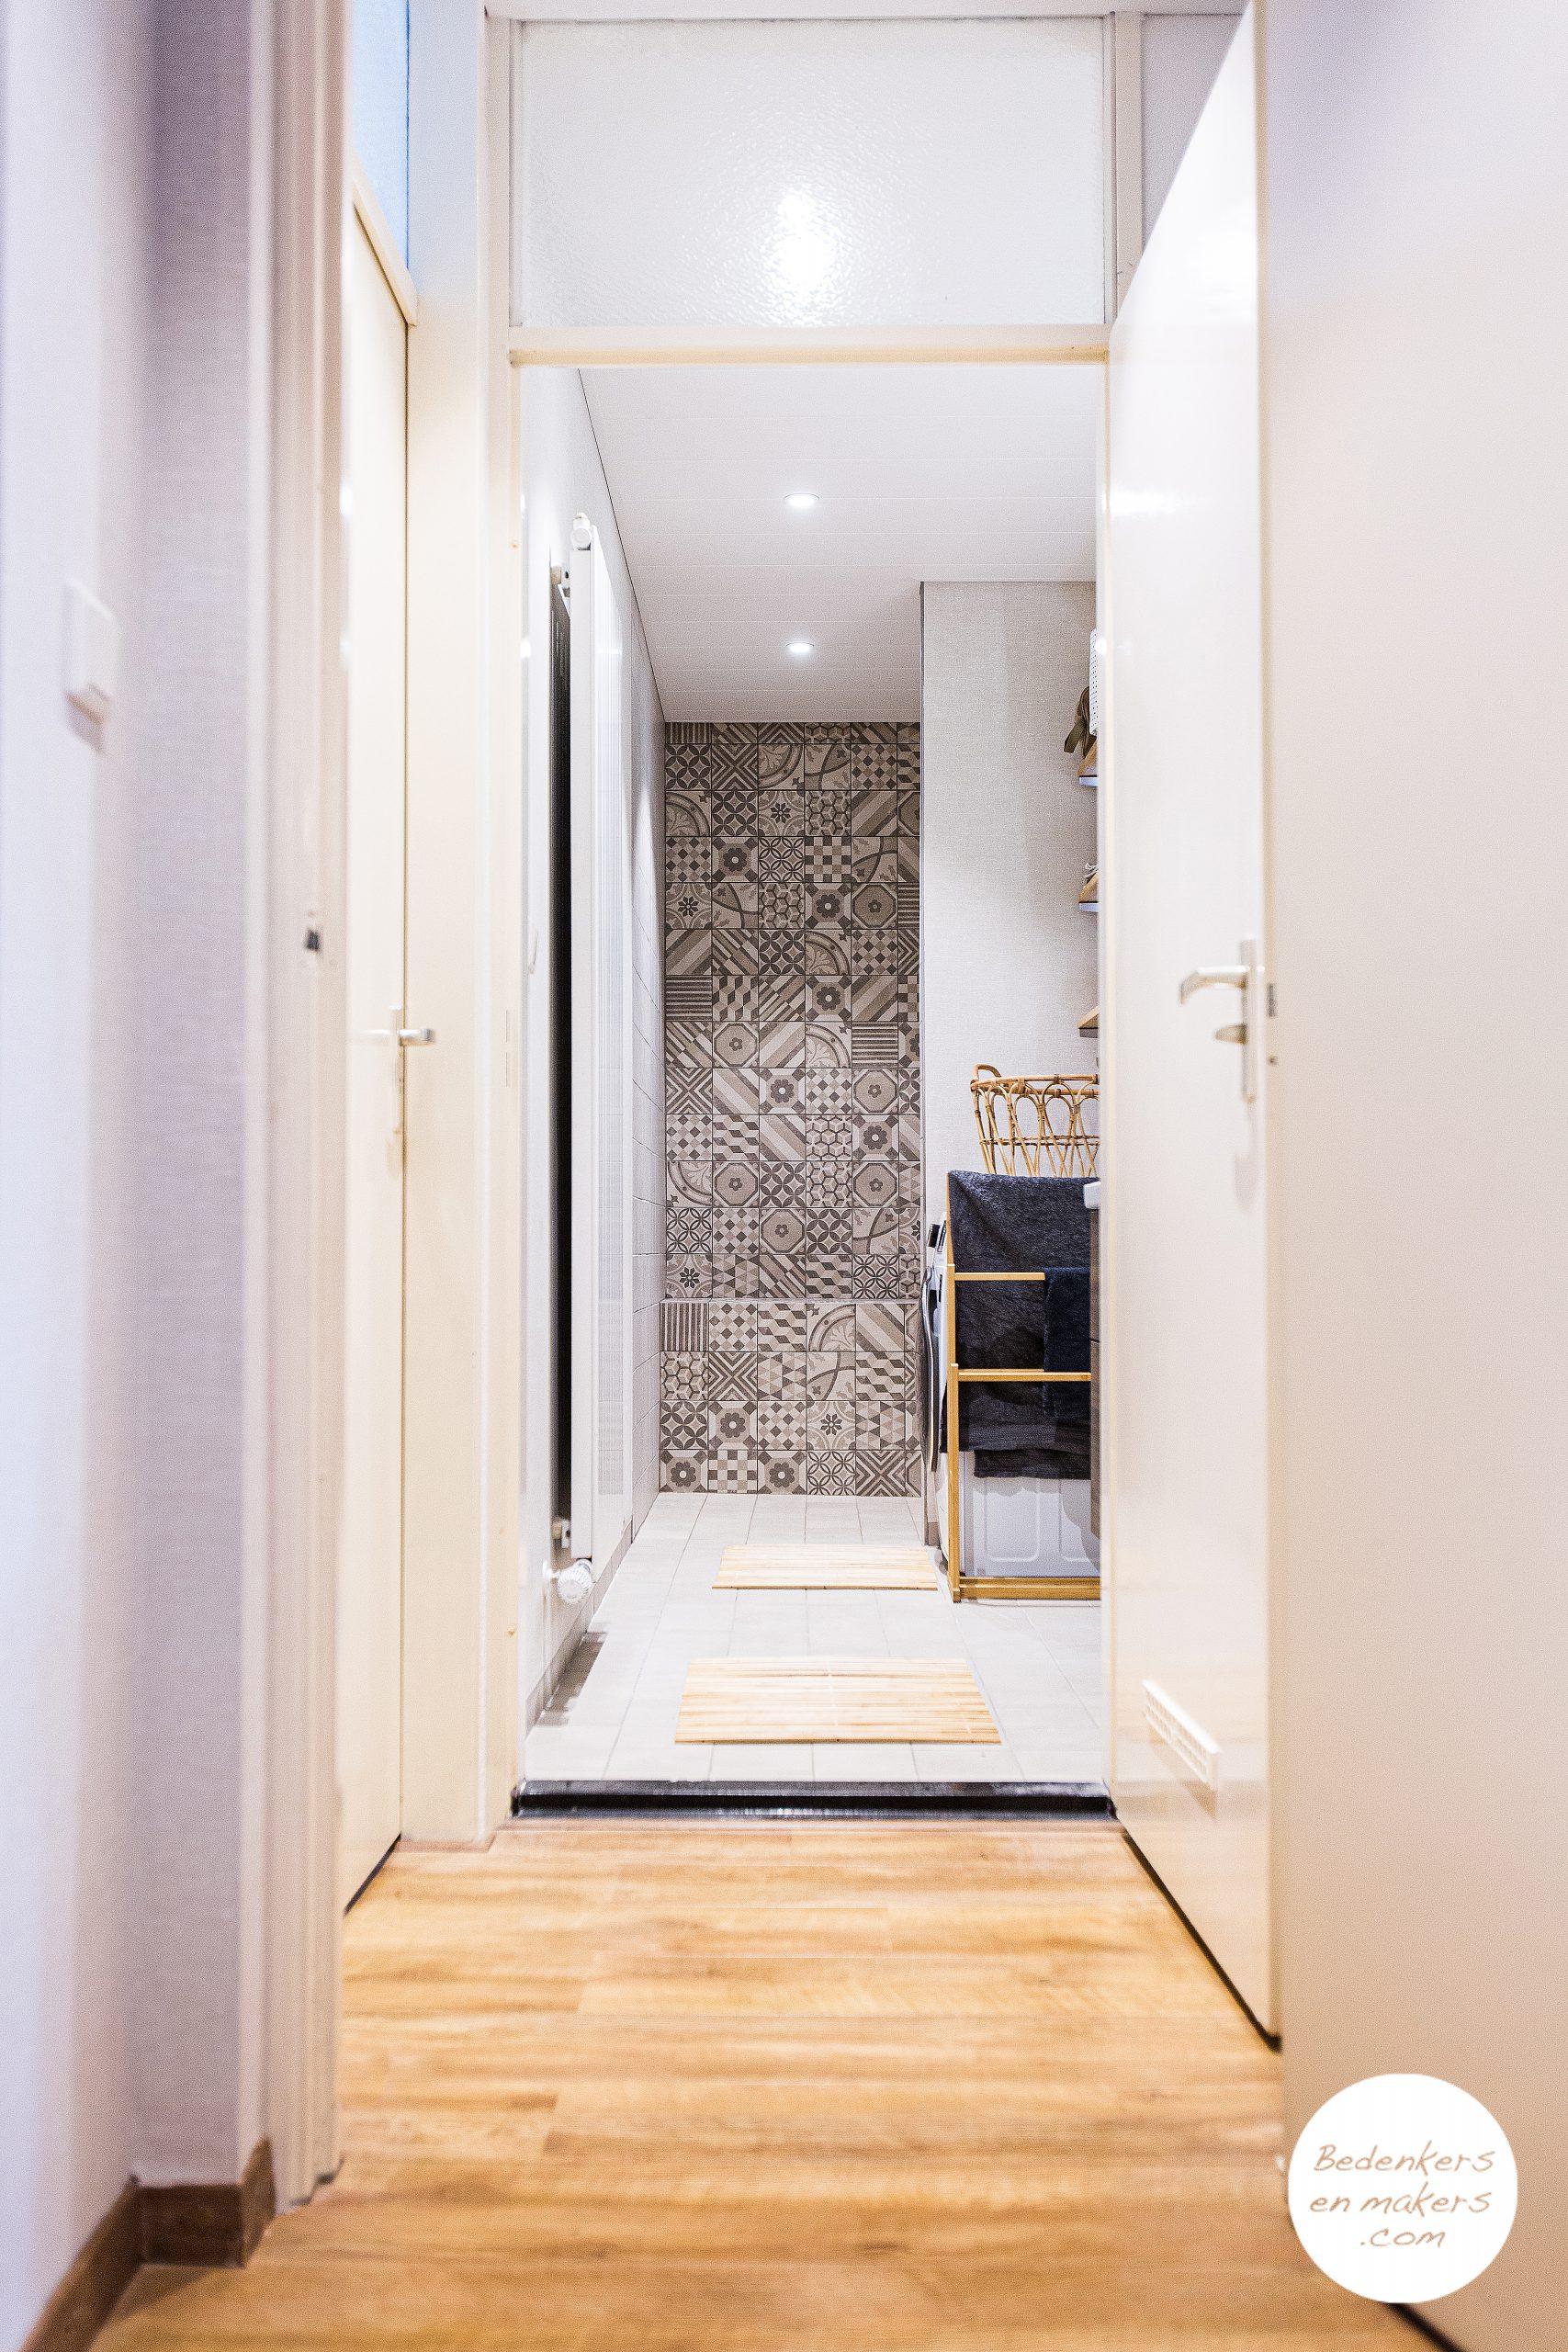 Verbouwing keuken en badkamer in een appartement